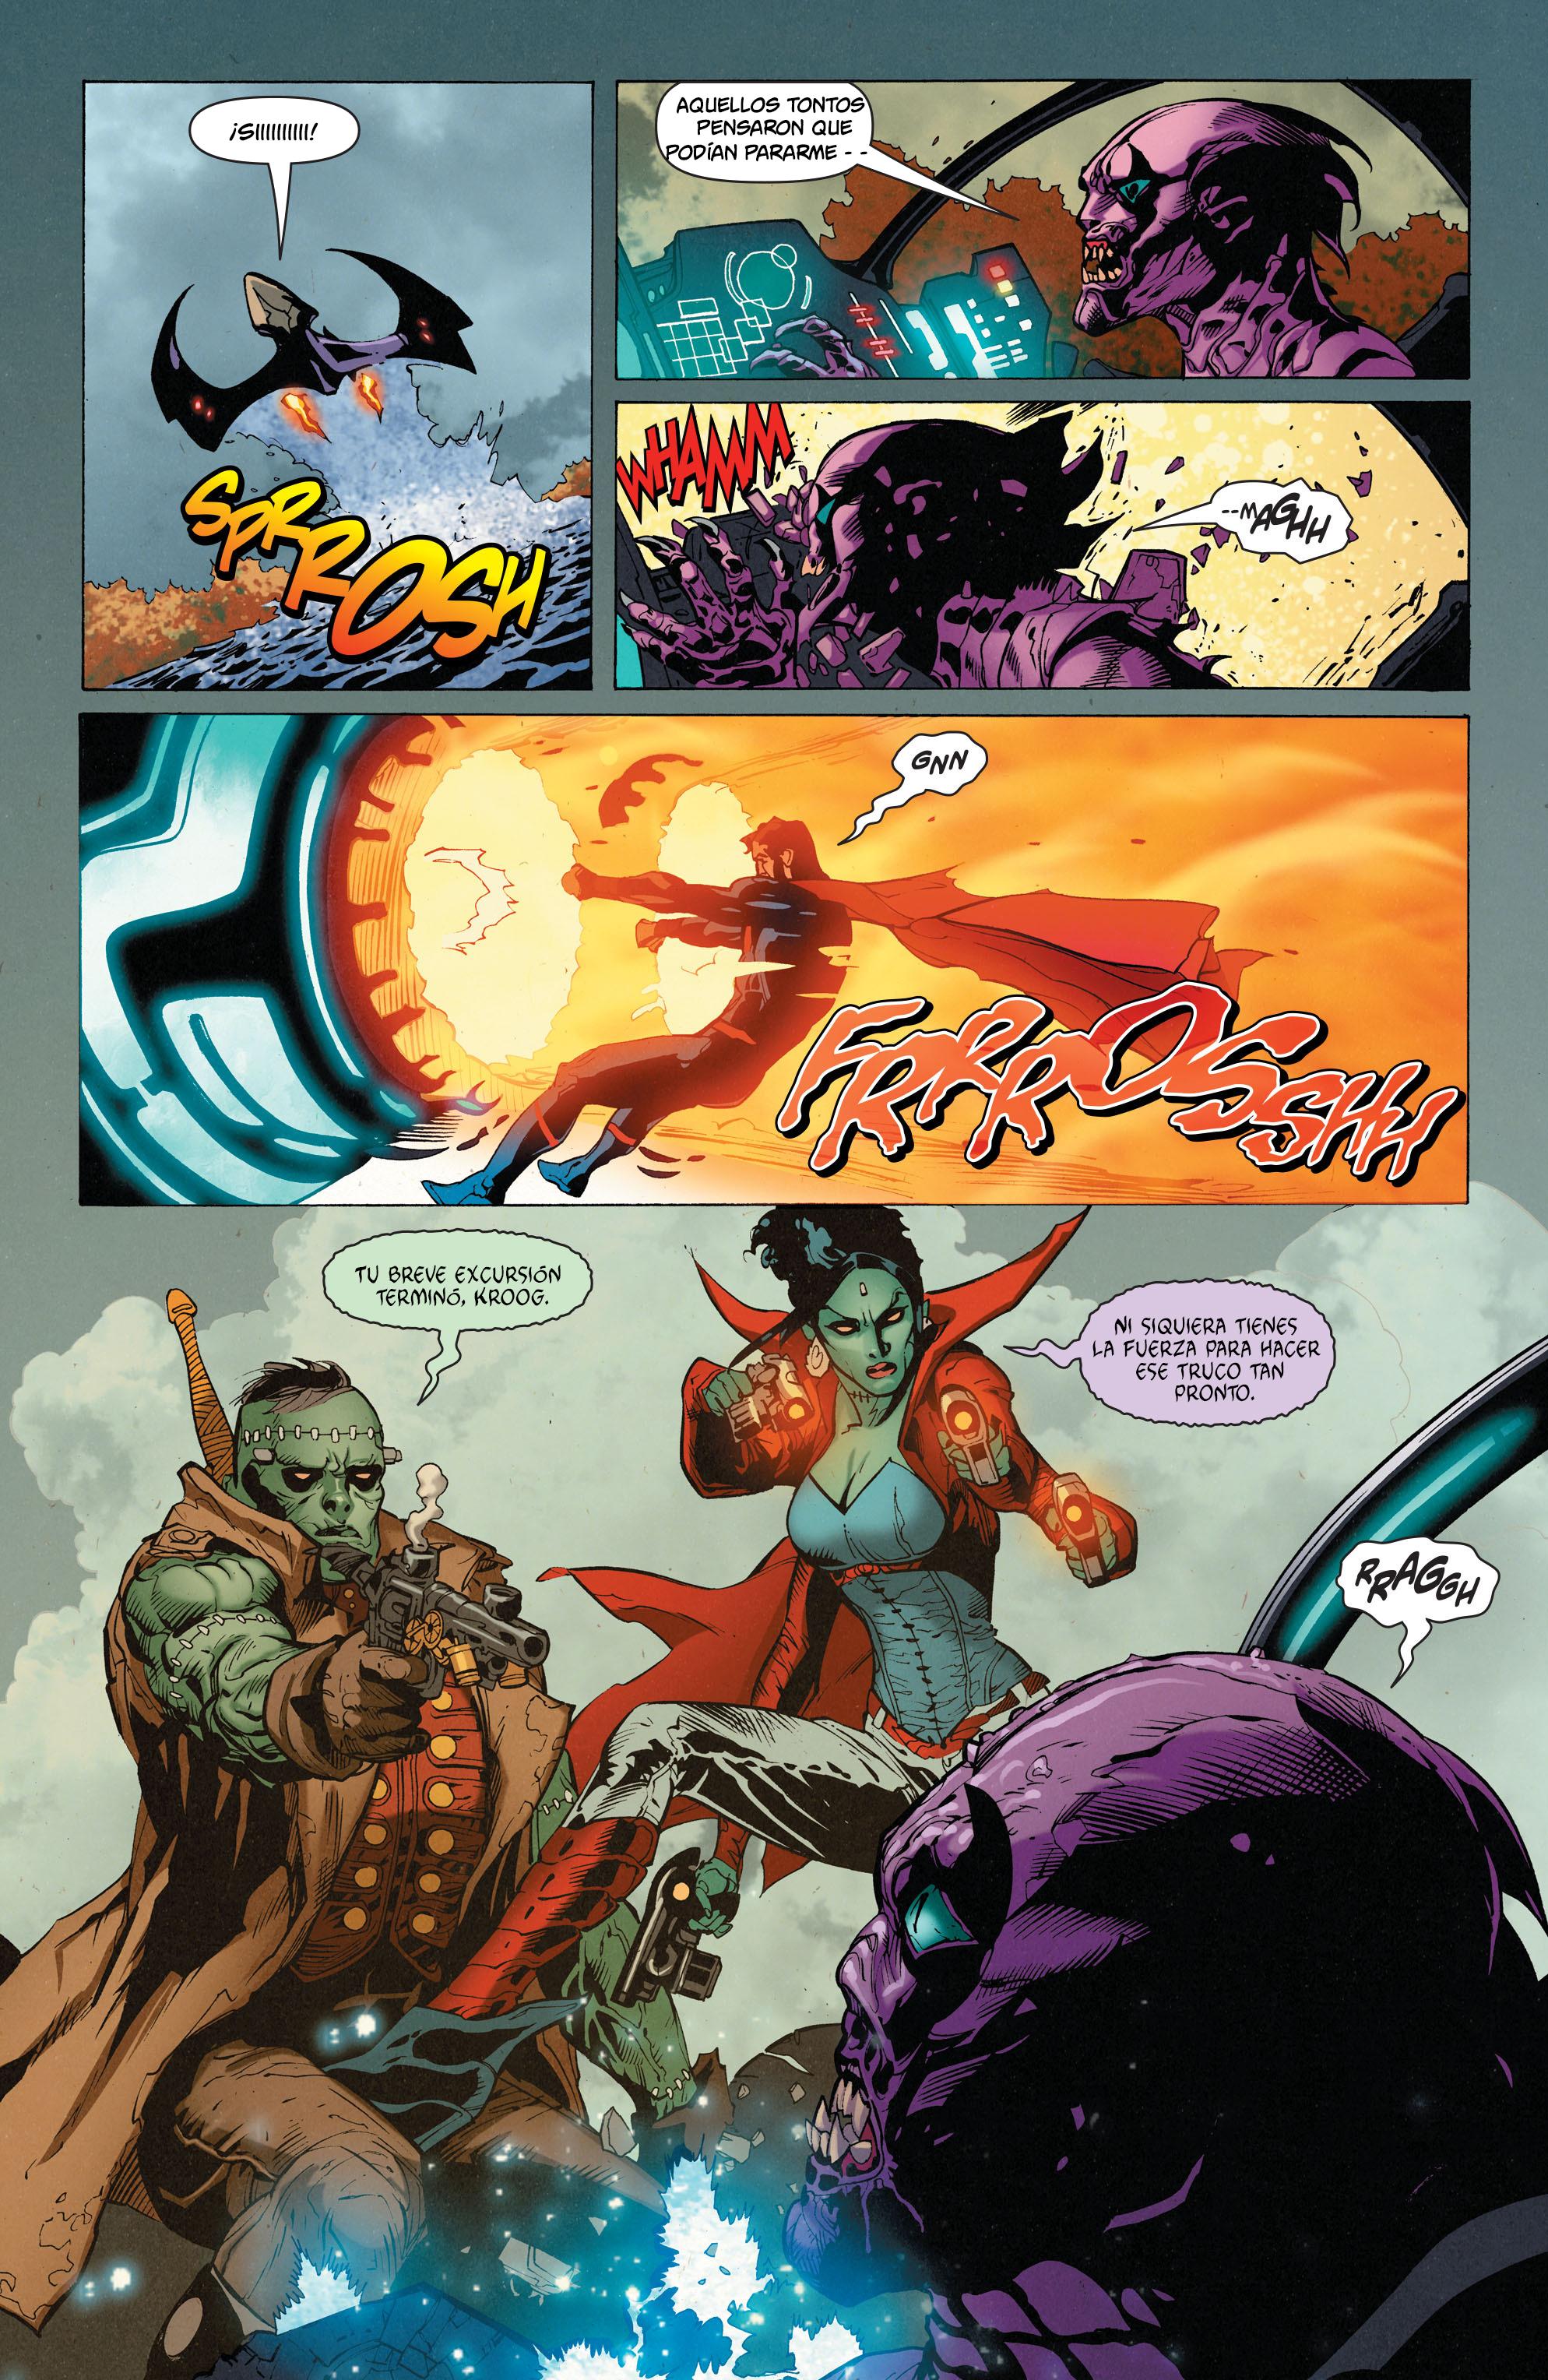 Reseña de Superman Volumen Cuatro #13 | Mundo Superman